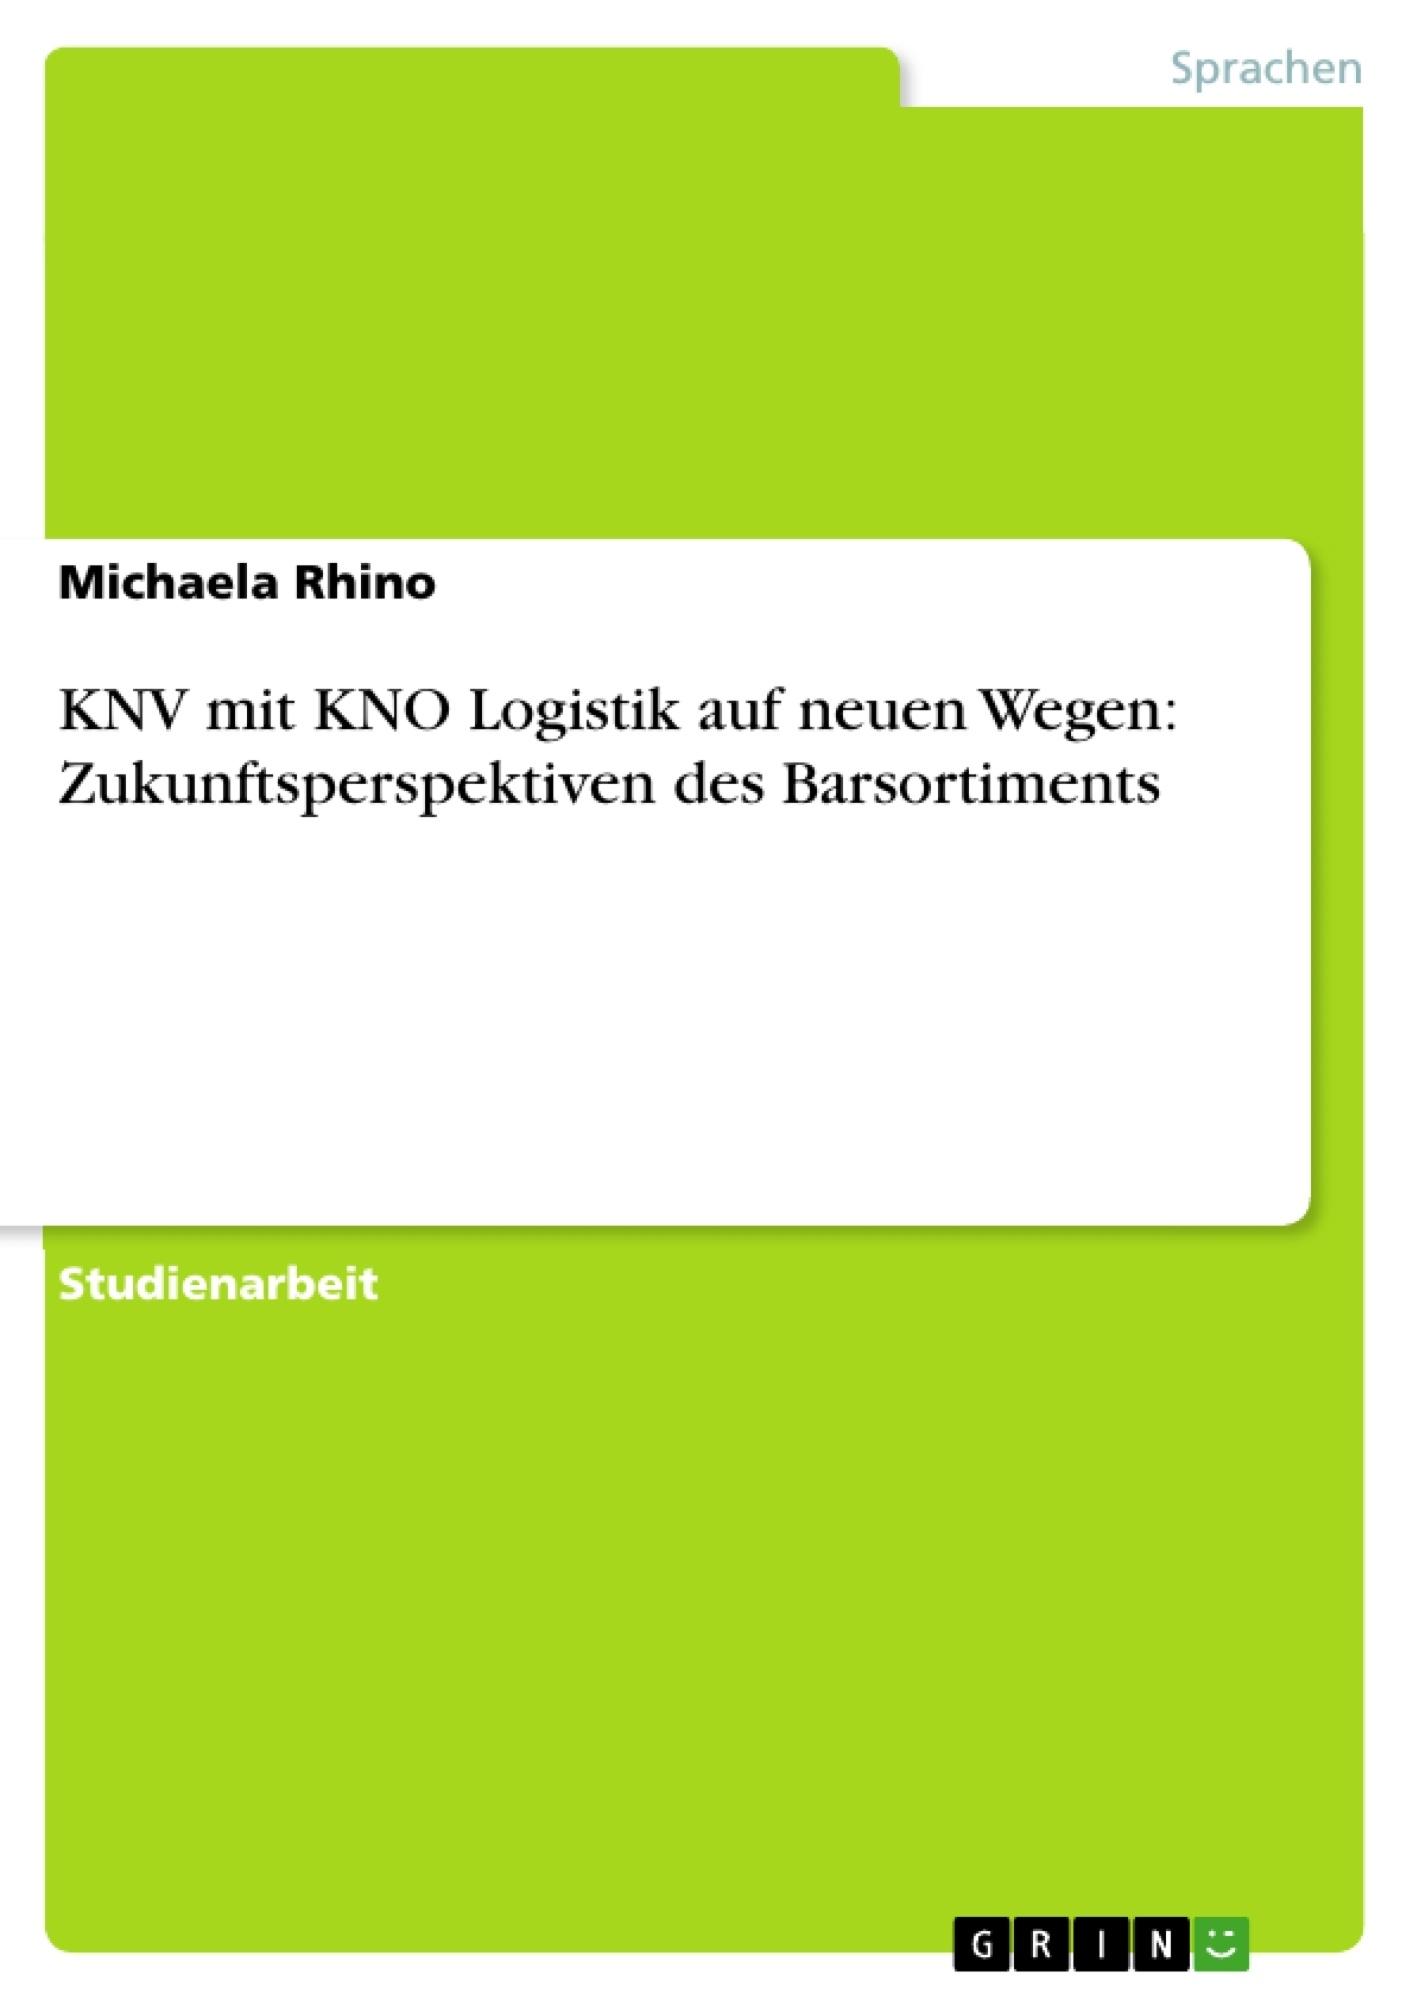 Titel: KNV mit KNO Logistik auf neuen Wegen: Zukunftsperspektiven des Barsortiments